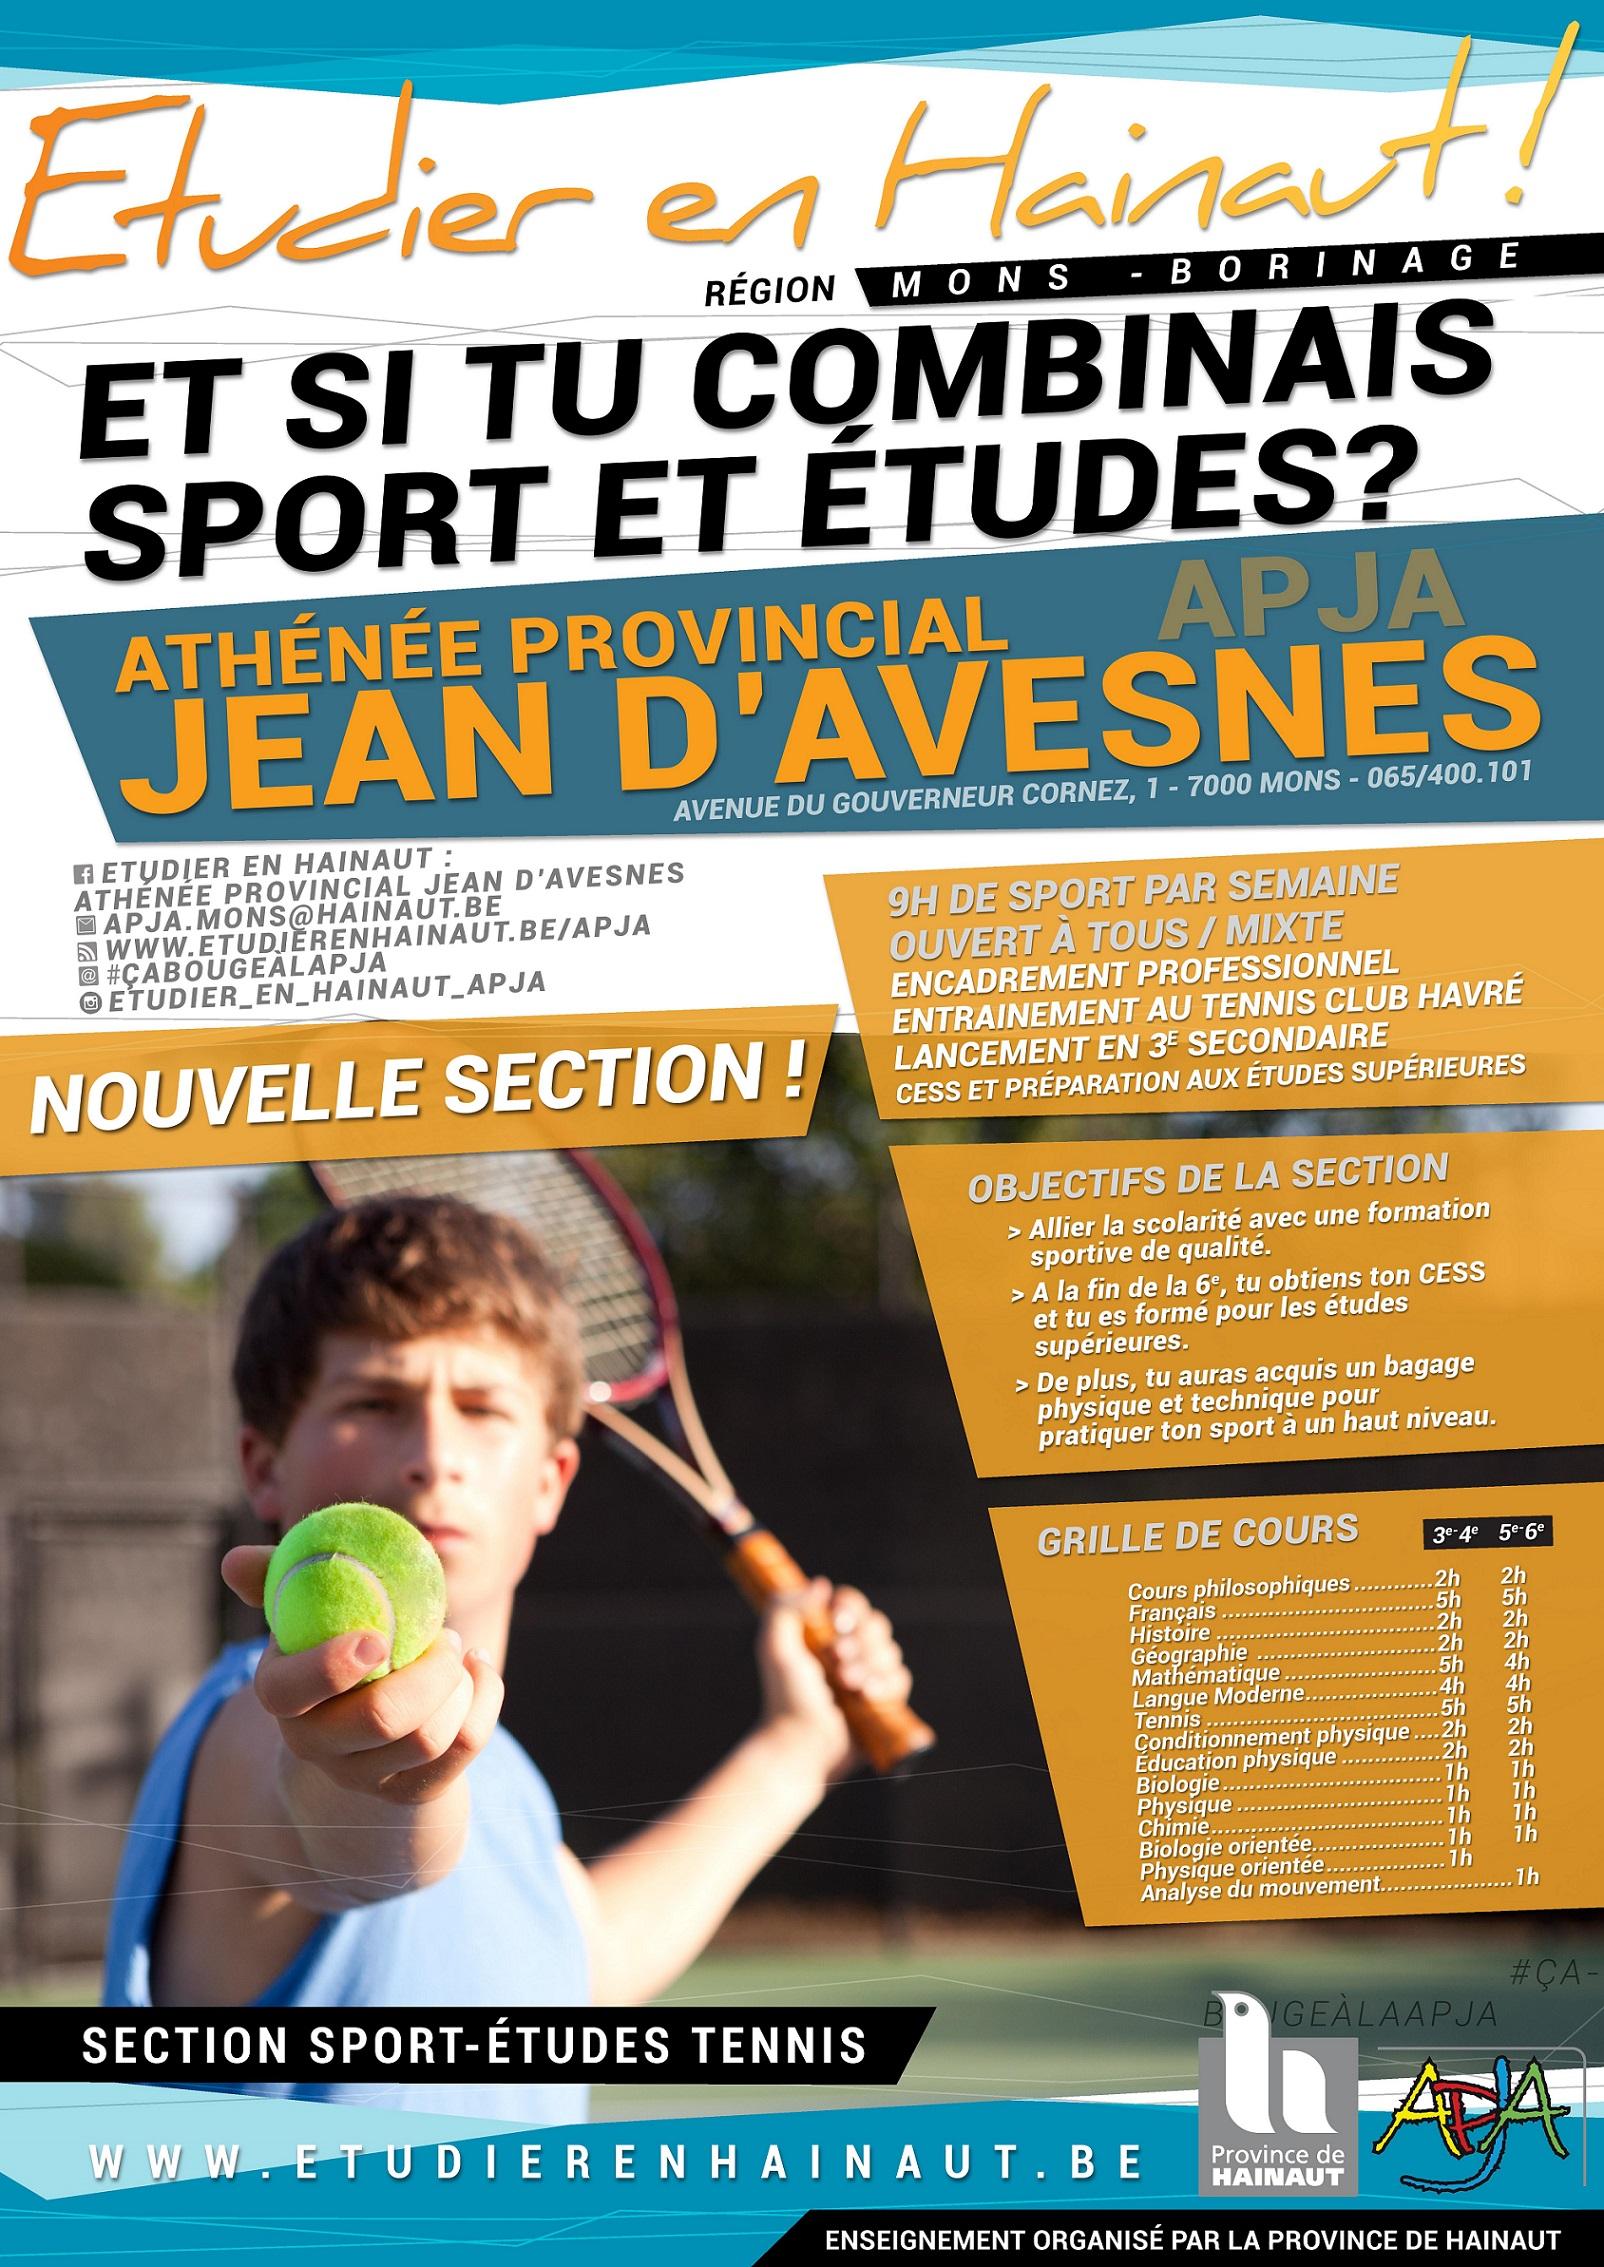 Le Sport-Études Tennis, c'est à l'APJA !